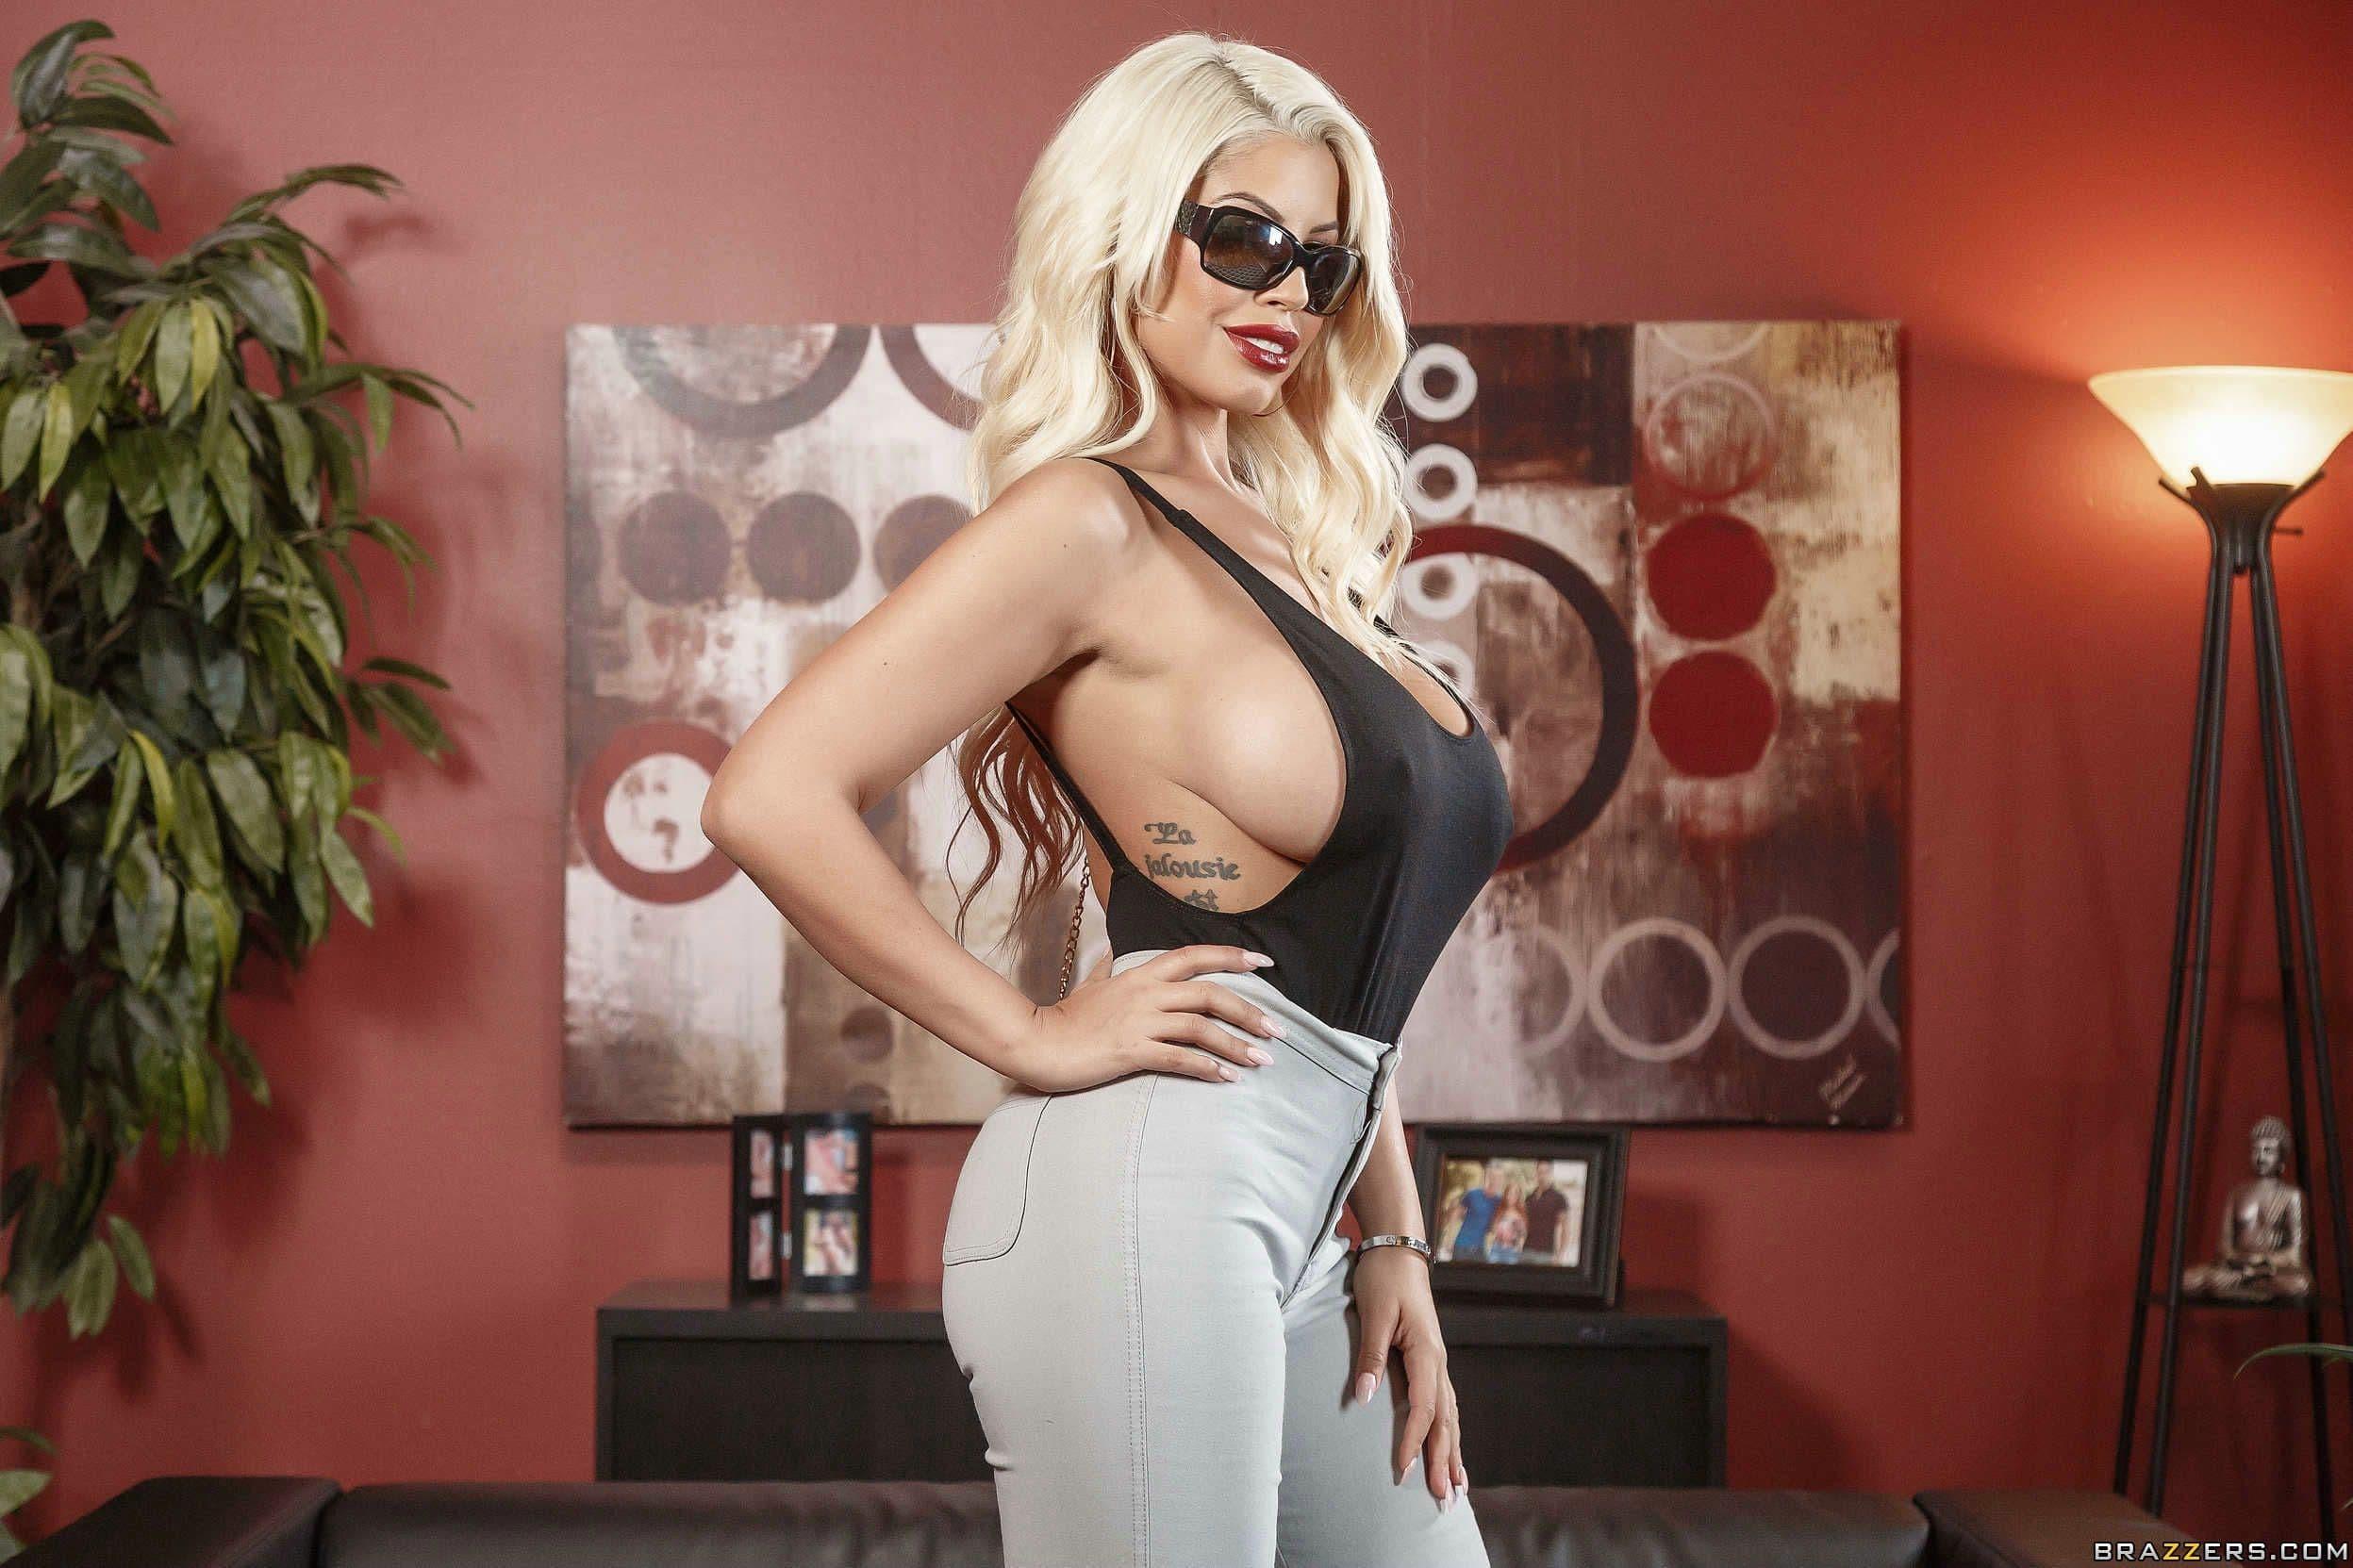 Милфа блондинка с пышными сиськами и жопой - фото